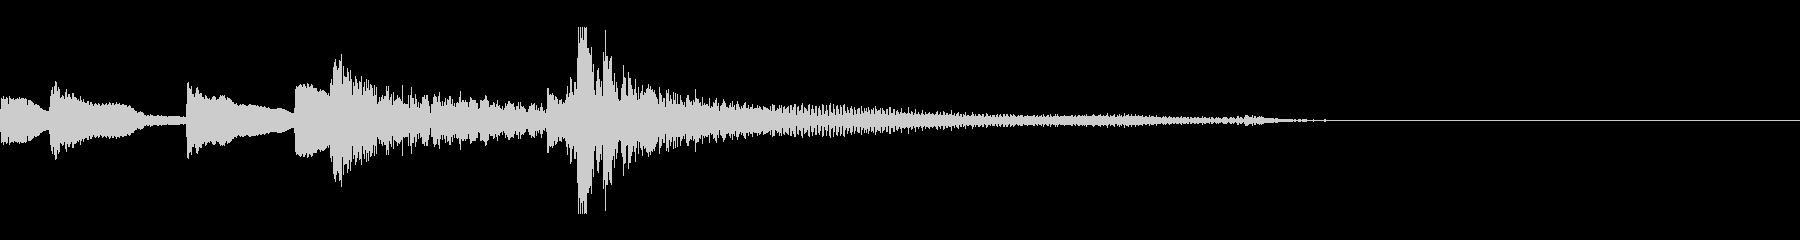 遊び心のあるピアノメインのジャズトリオの未再生の波形